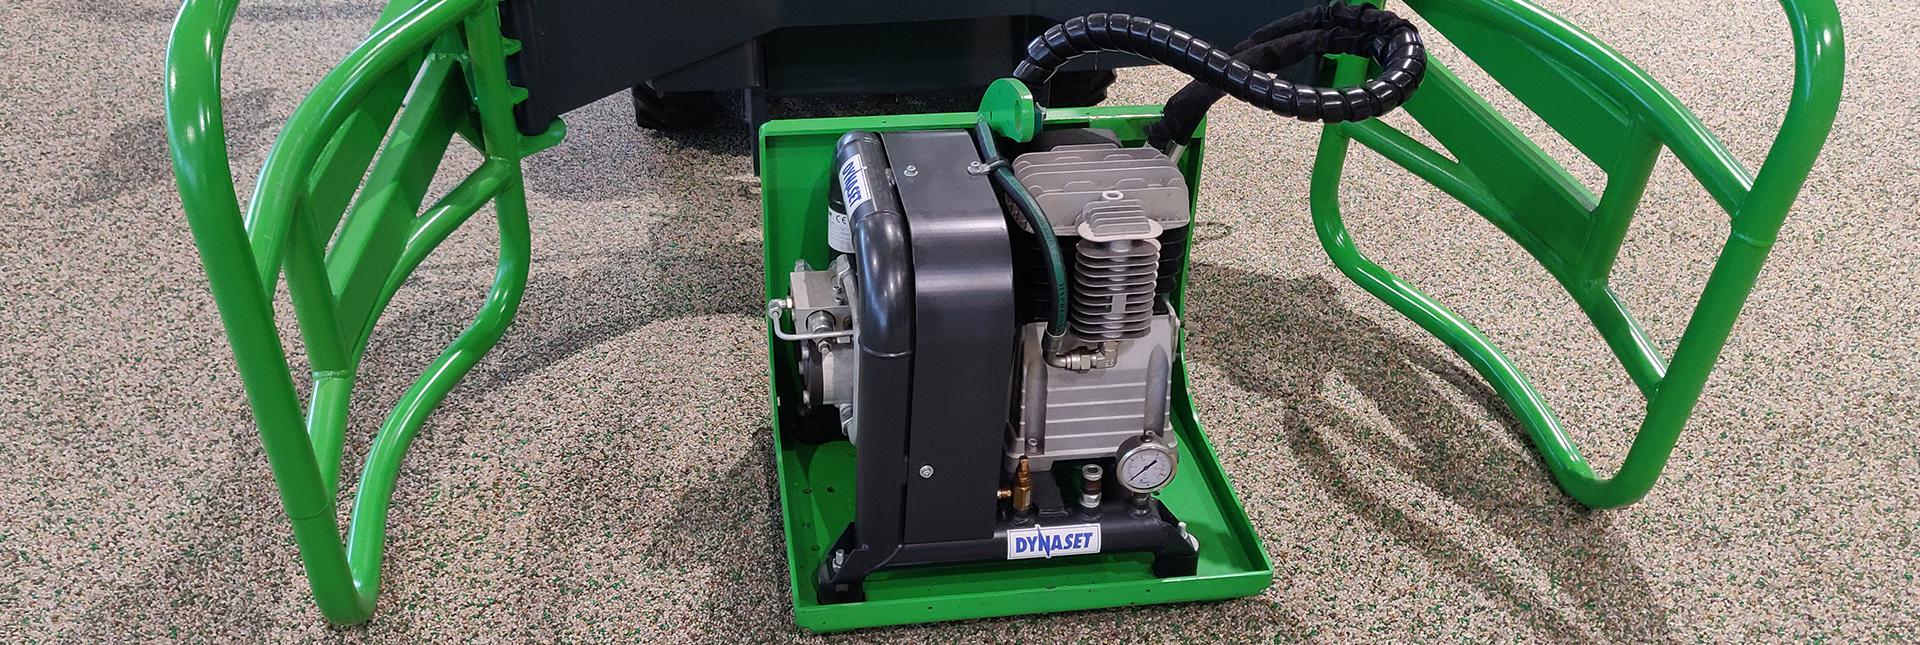 miljøbillede af kompressor redskab til på avant minilæsser